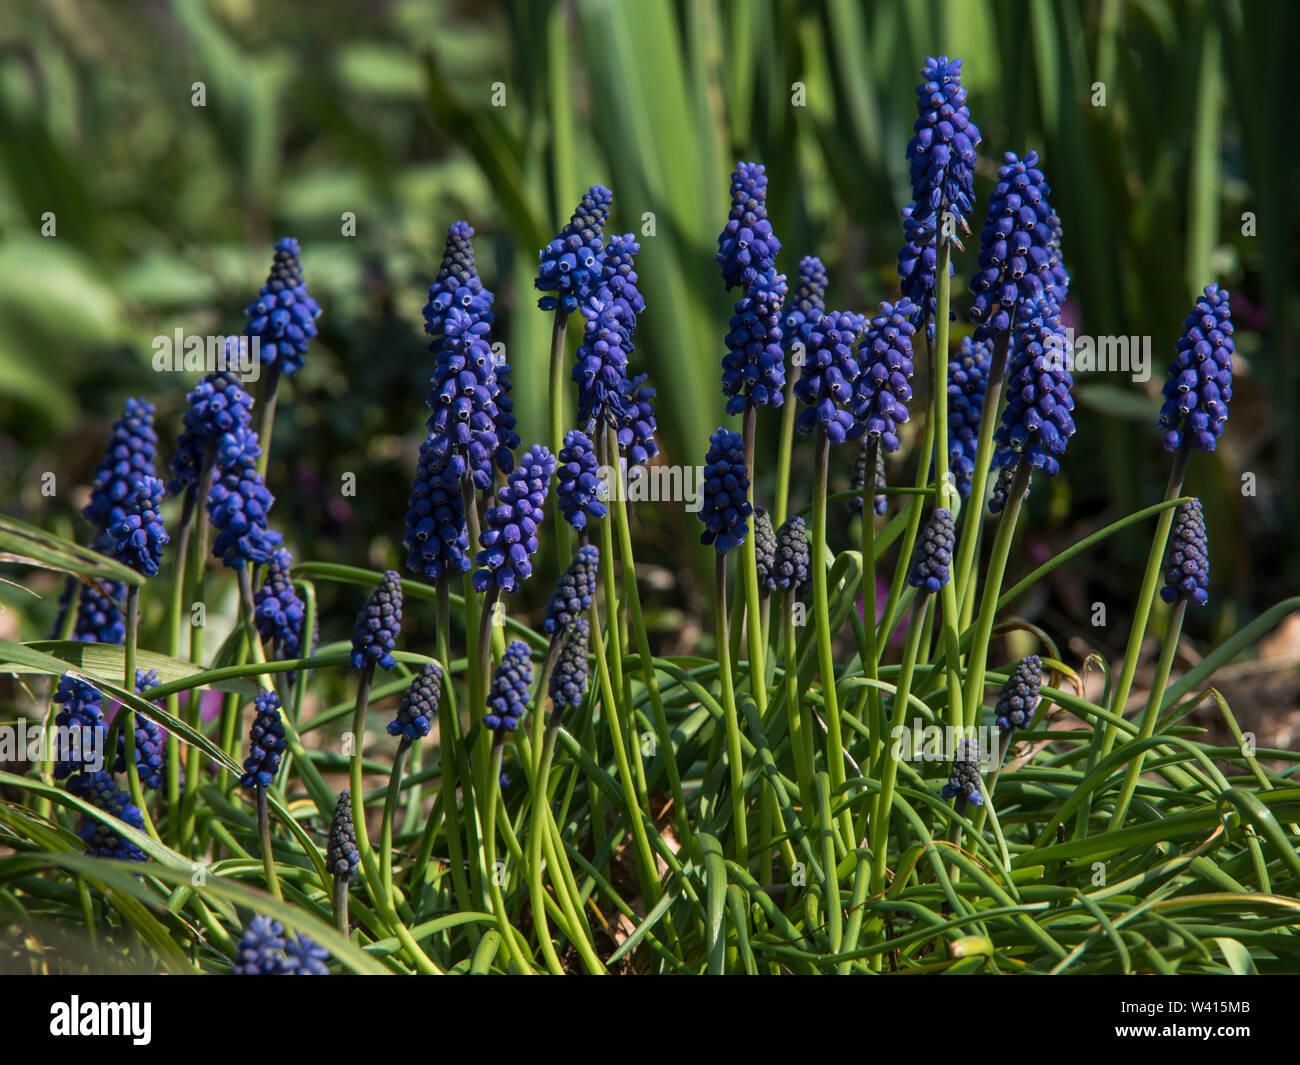 Grape Hyacinth (Muscari armeniacum) est une plante vivace qui fleurit l'ampoule en forme d'urne en fleurs au printemps. Banque D'Images